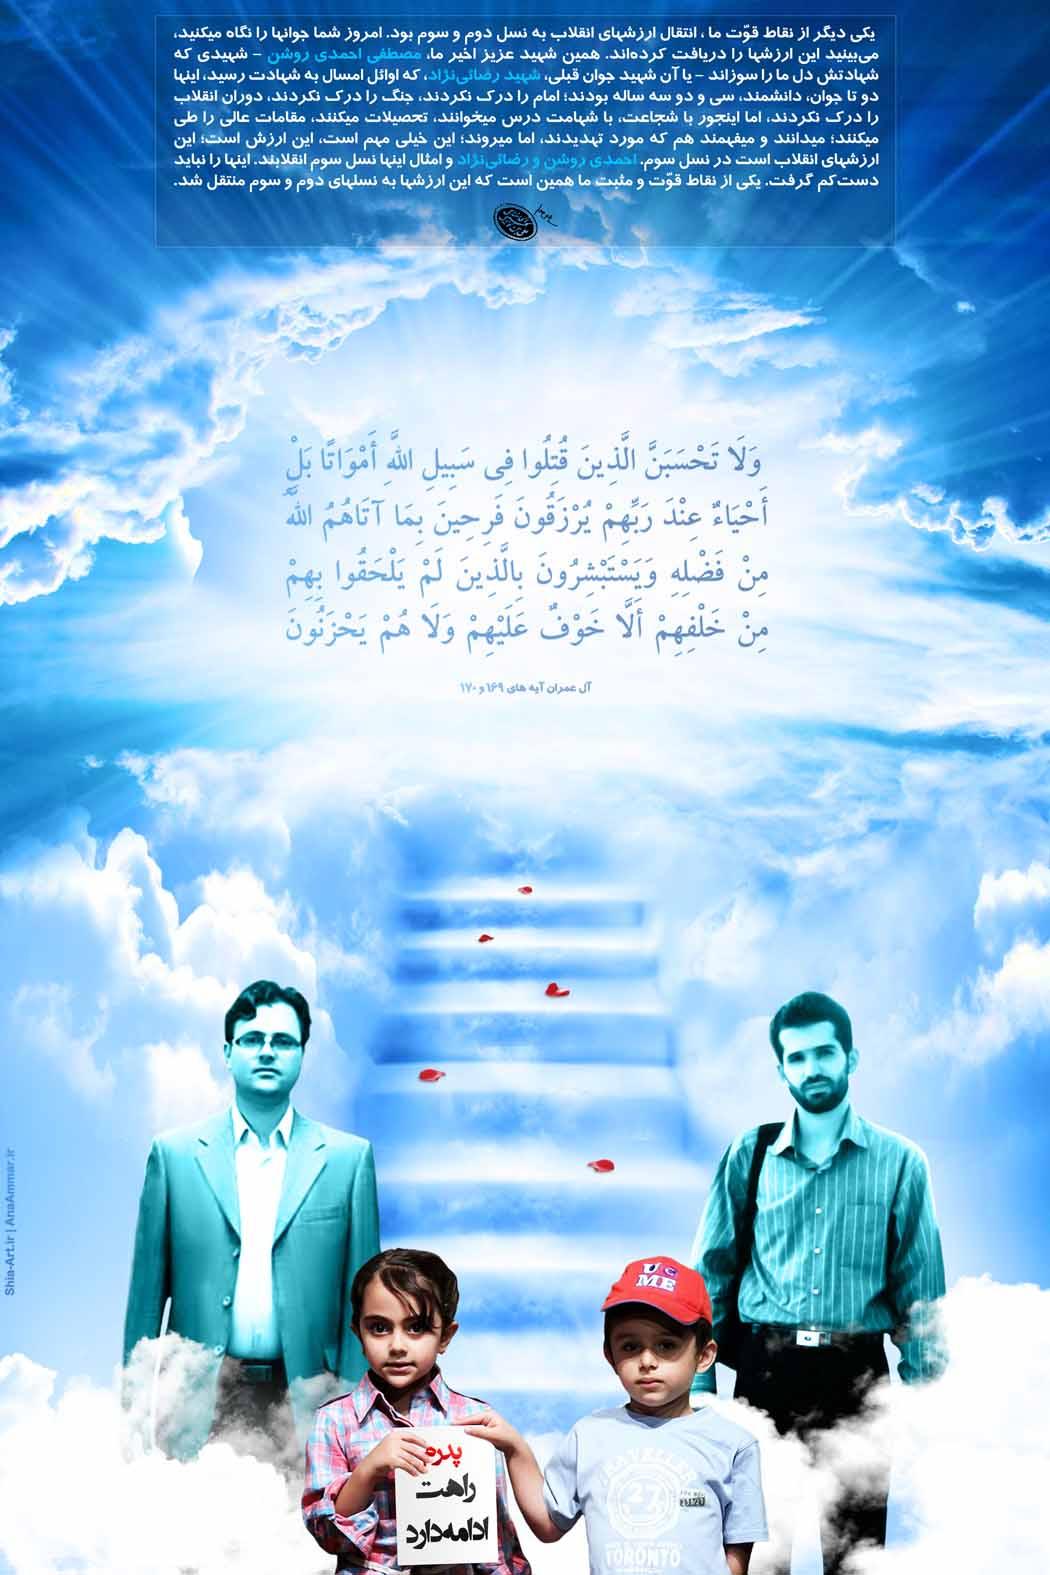 تقدیم به علیرضا احمدی روشن و آرمیتا رضایی نژاد